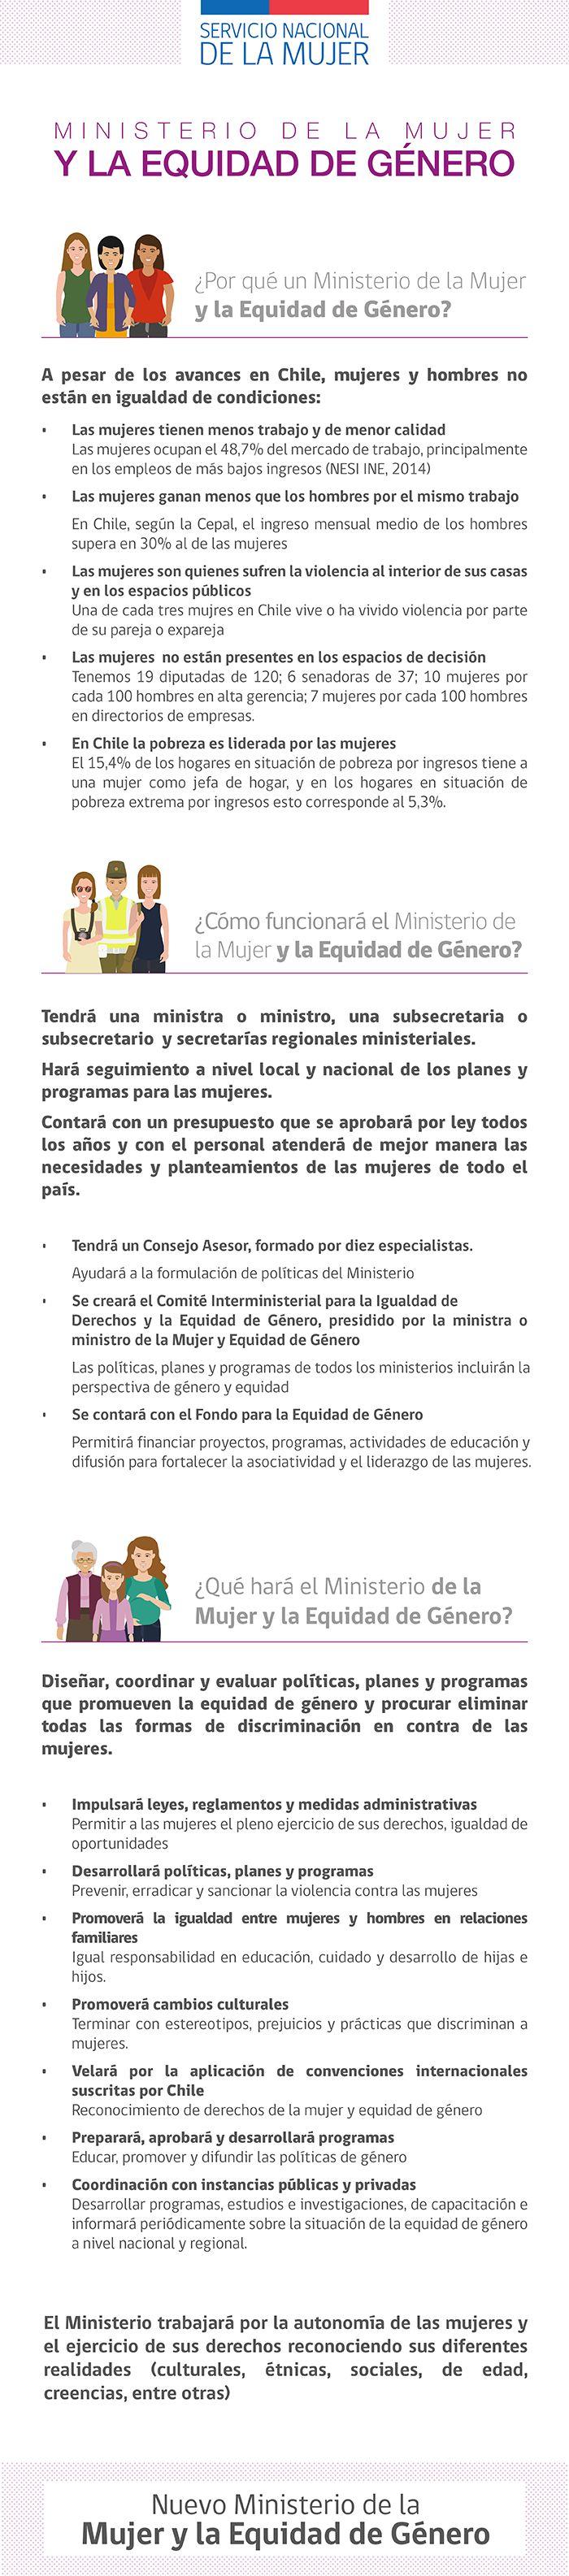 Conoce las principales funciones y estructura del  Ministerio de la Mujer y la Equidad de Género